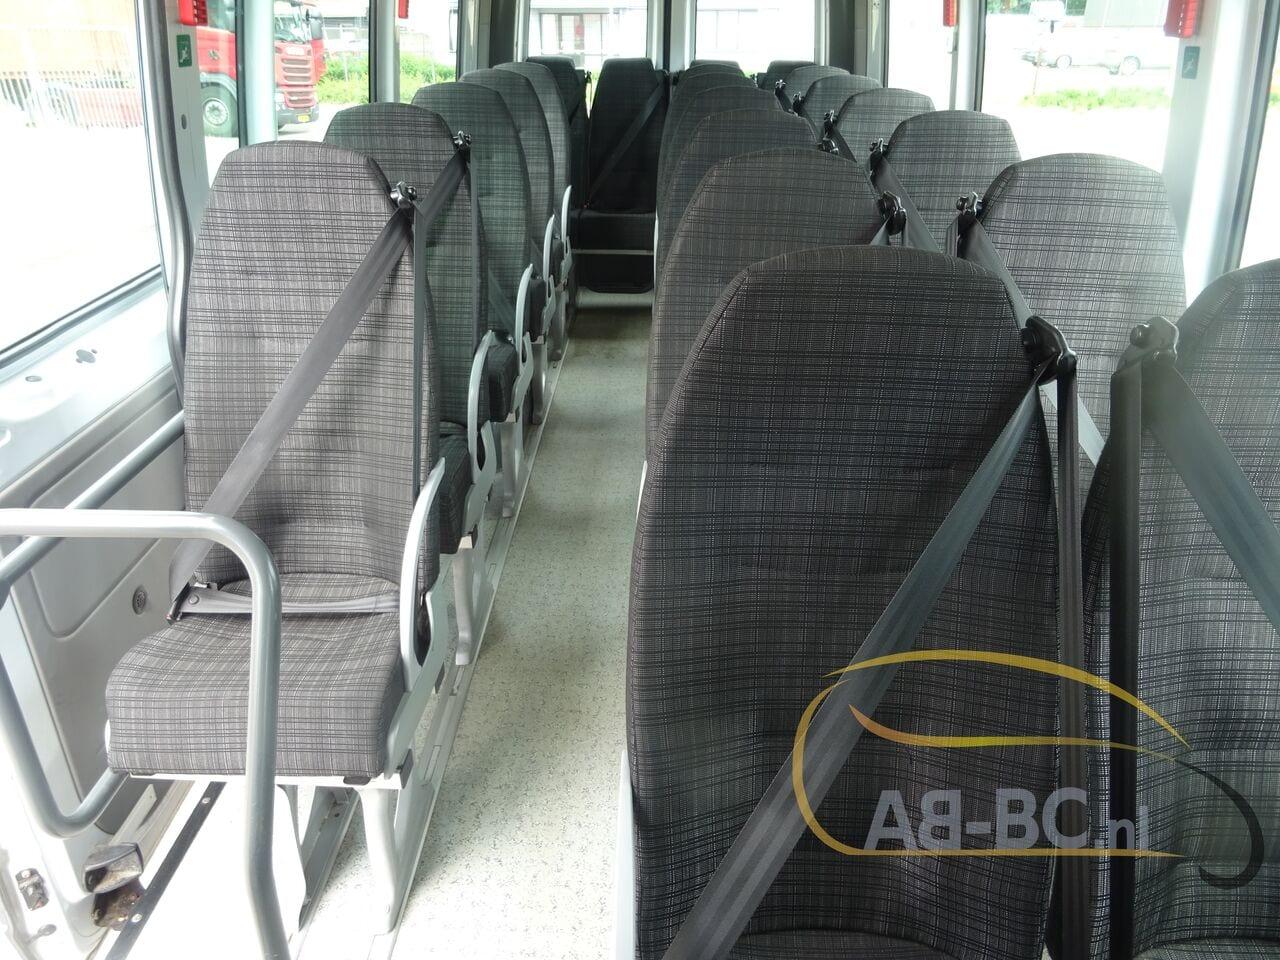 coach-busMERCEDES-BENZ-516-CDI-Sprinter-Transfer-45-23-Seats-EURO-6---1625235046381471127_big_688009c3d4df9174a6c7a85d520f8ad6--21060112394245379500